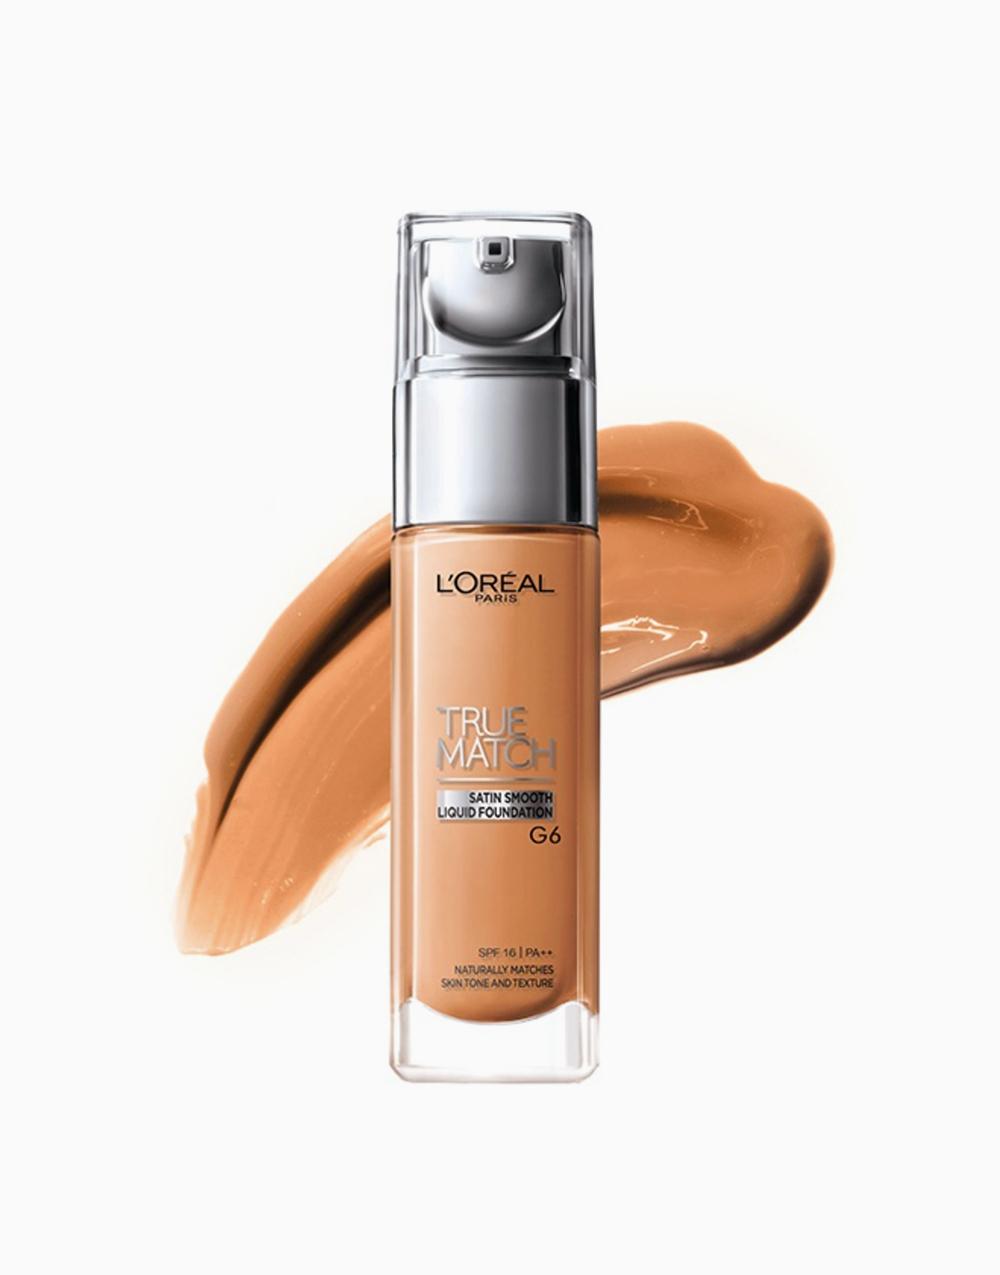 True Match Natural Finish Liquid Foundation by L'Oréal Paris   G6 Gold Sand